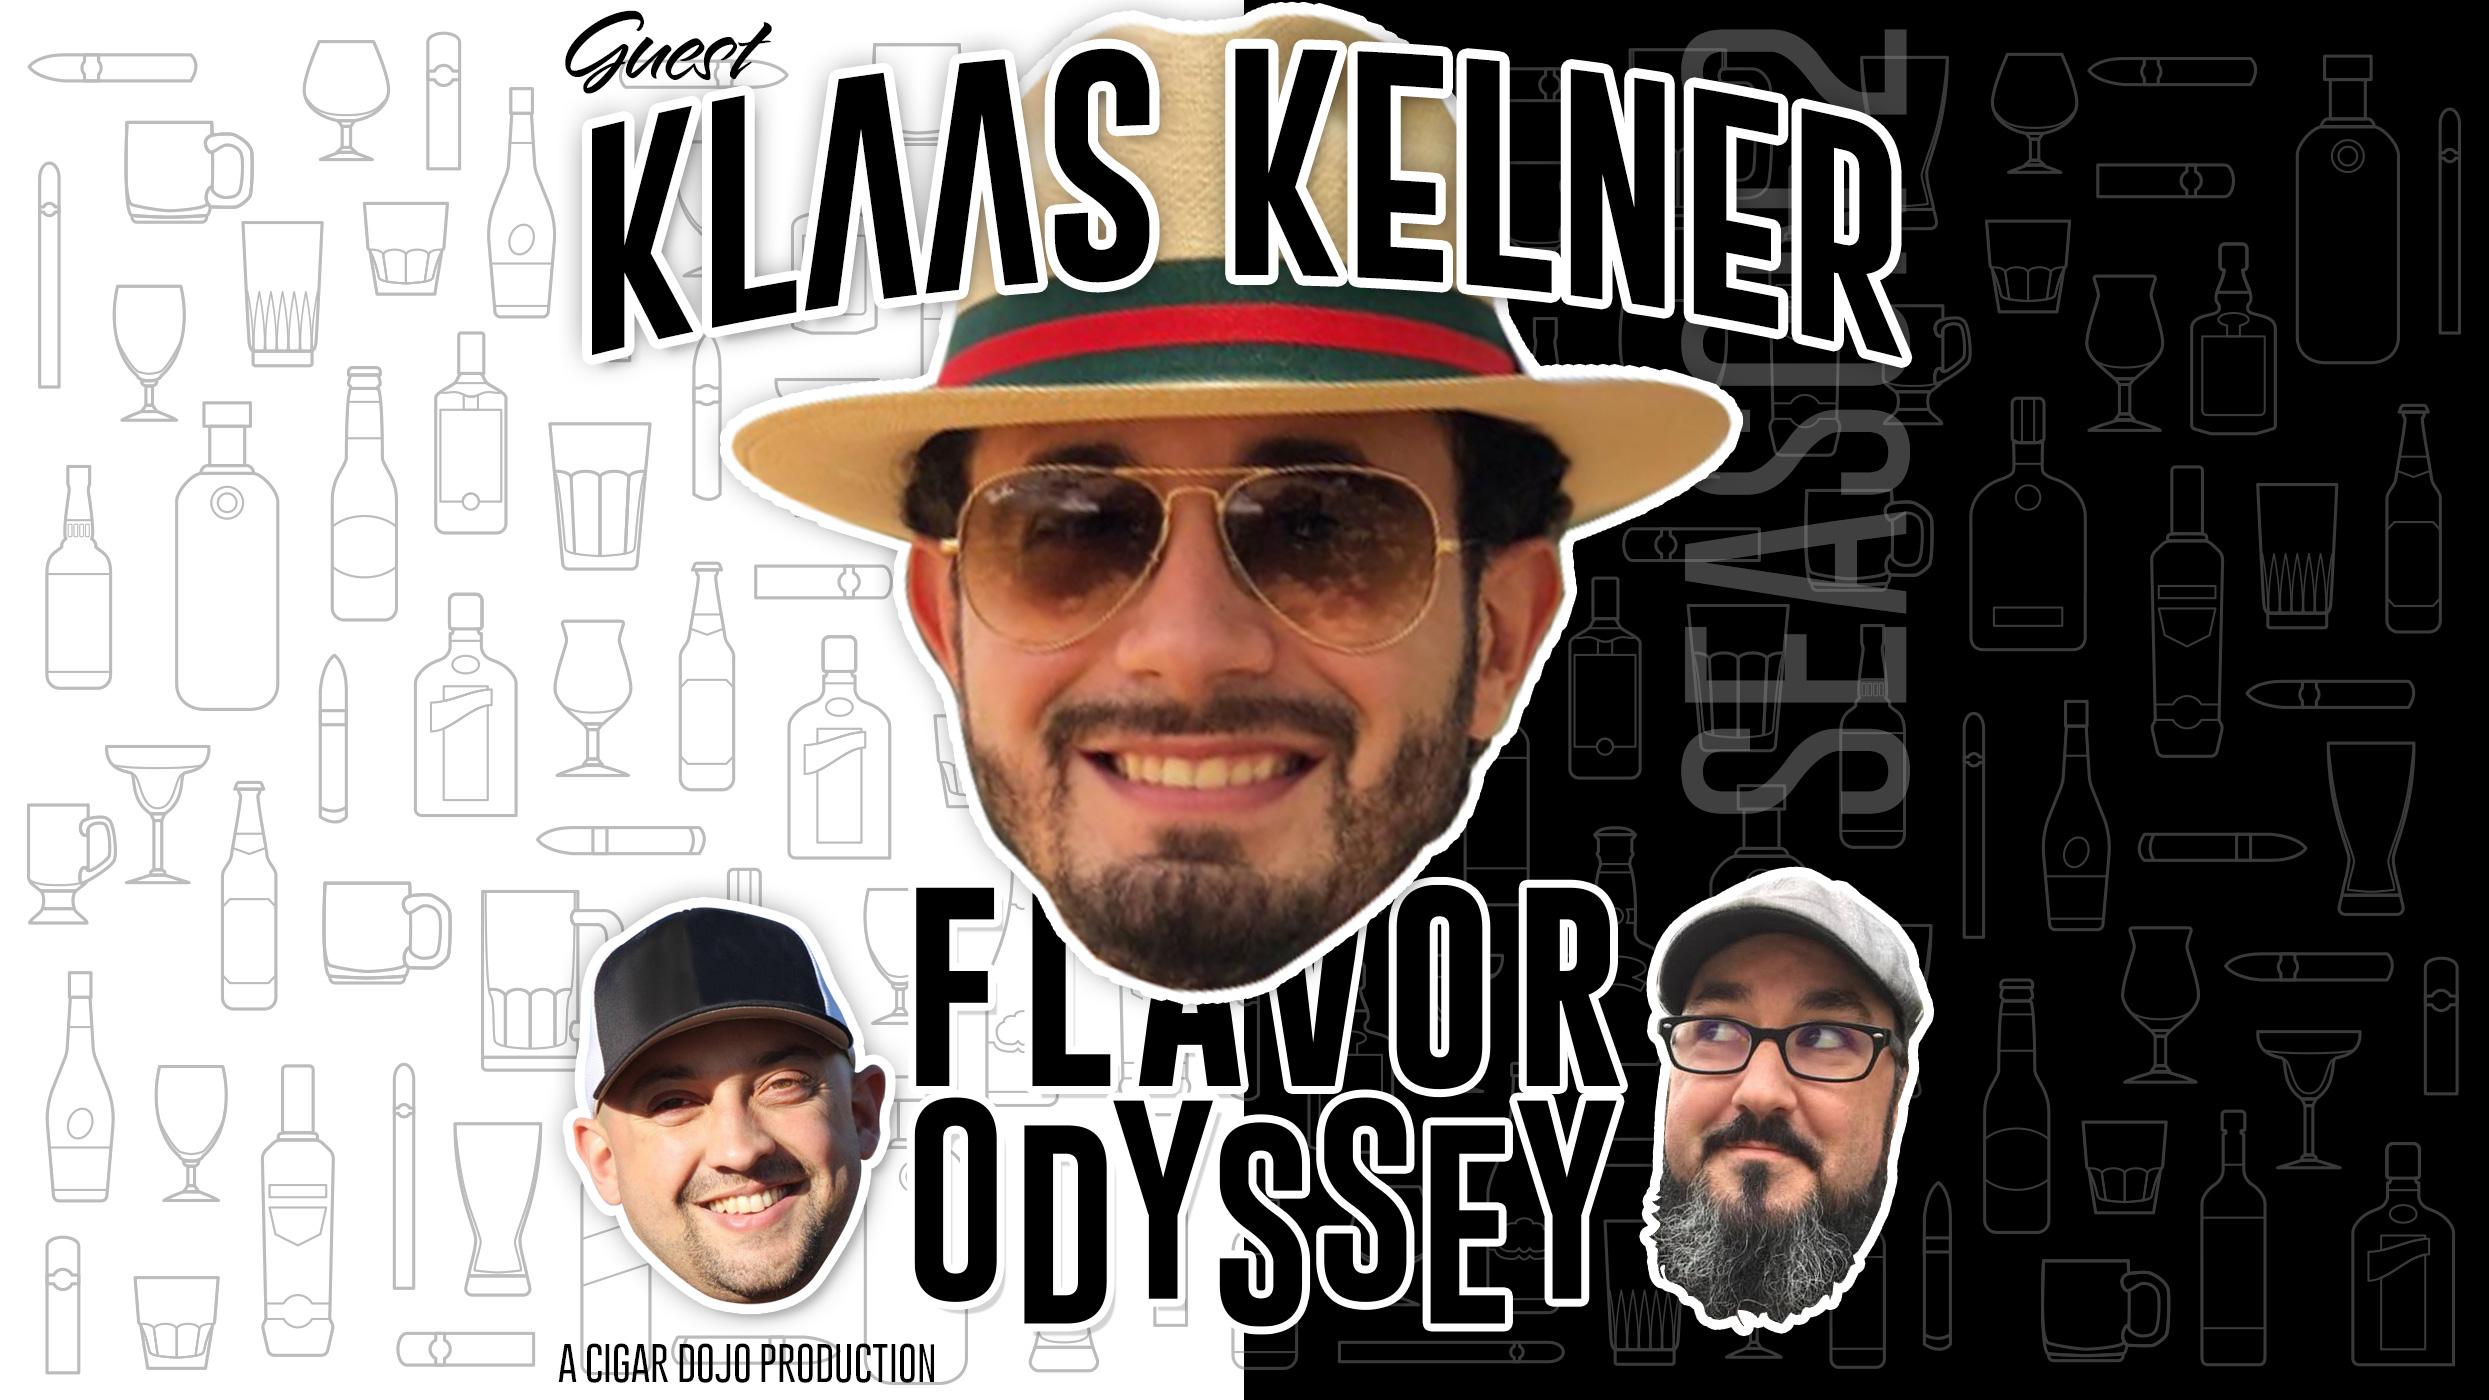 Interview with Davidoff's Klaas Kelner